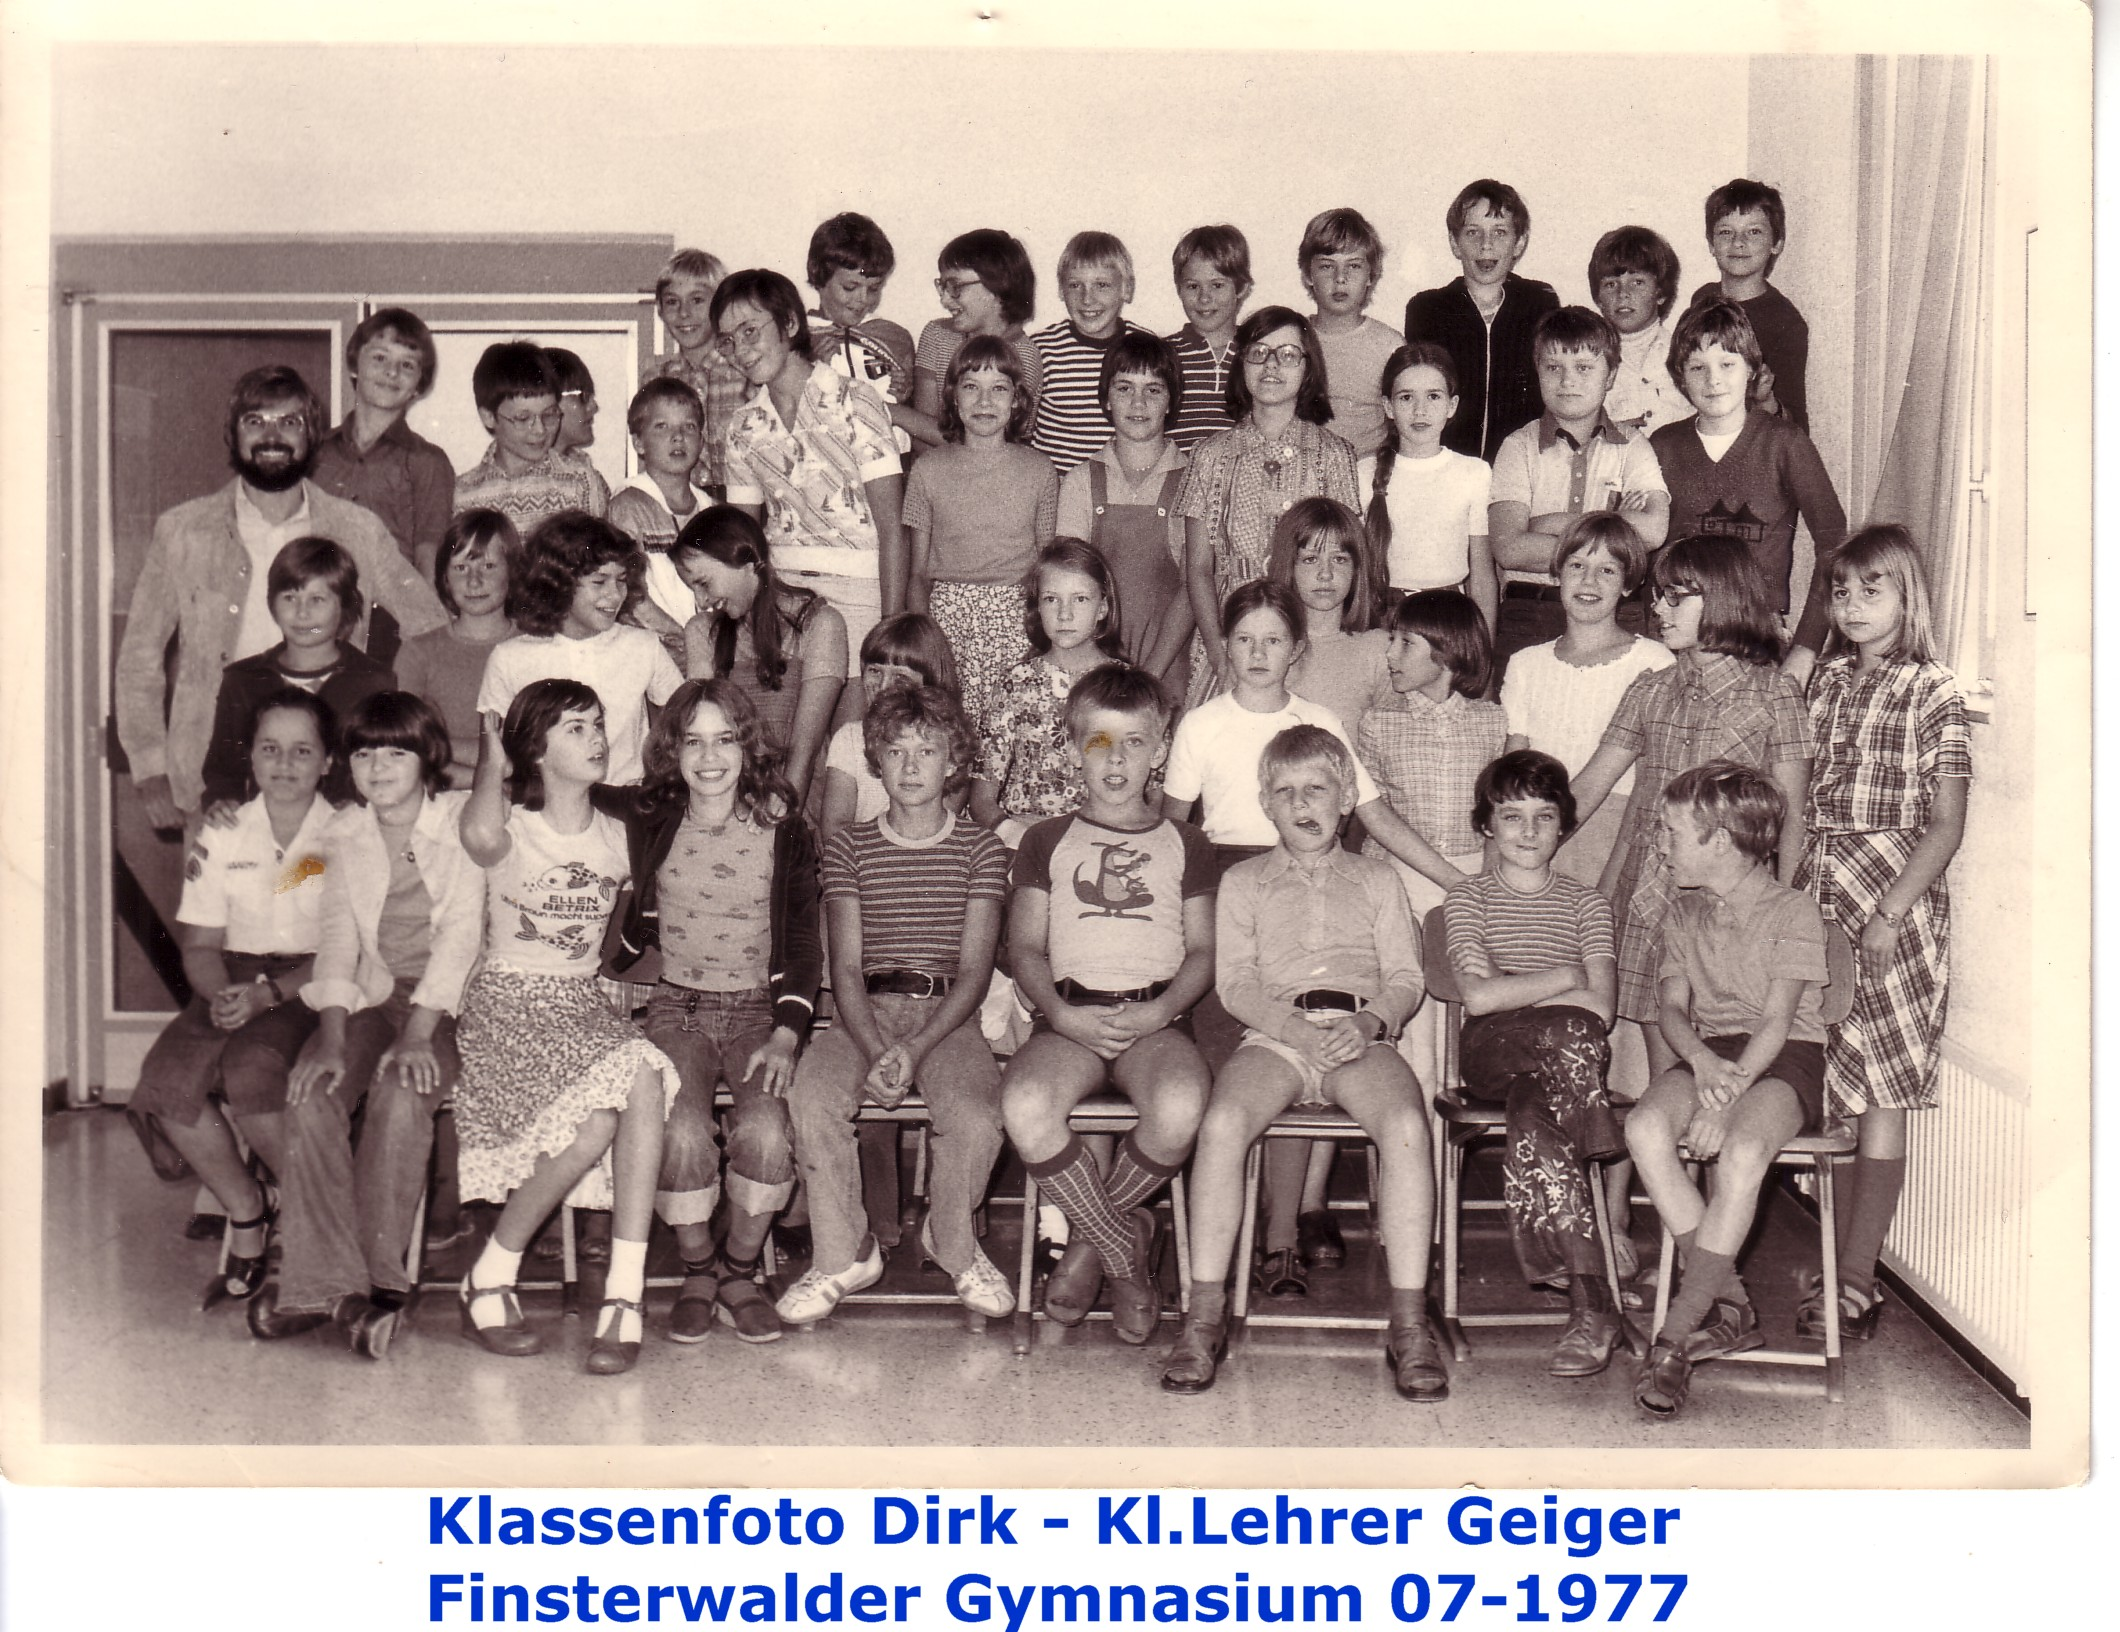 finsterwalder gymnasium rosenheim